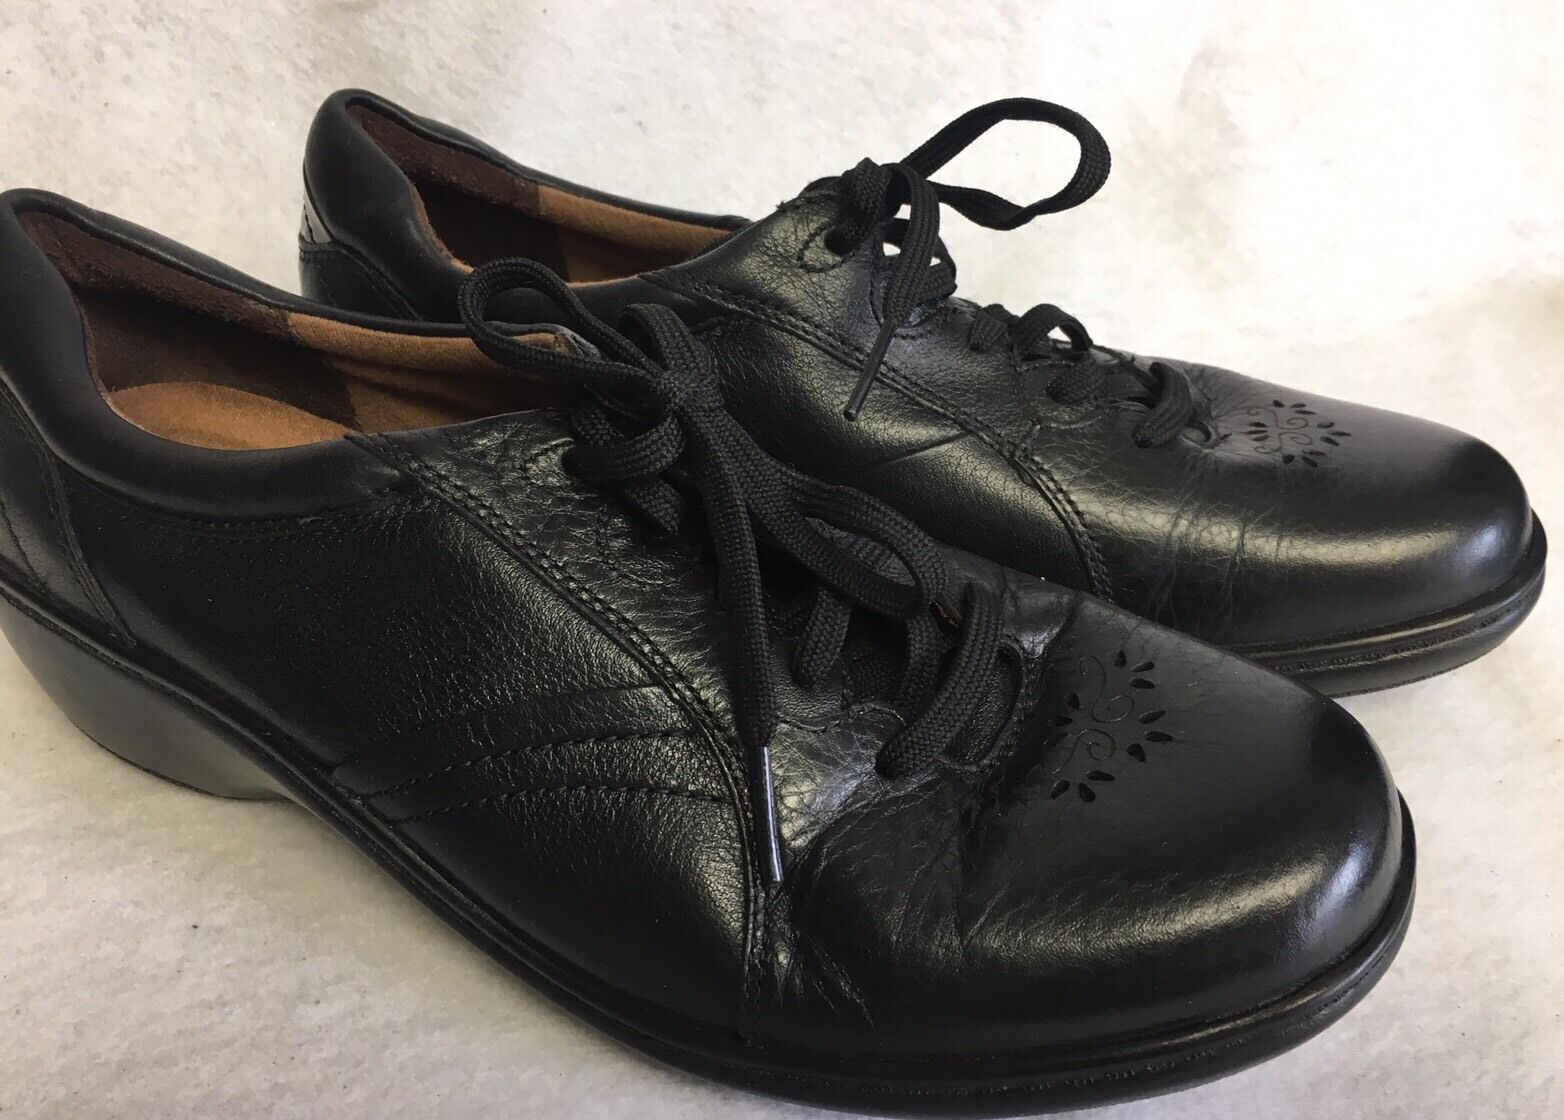 buon prezzo ARAVON New Balance donna DEviolaH AAG05BK Walking Comfort Comfort Comfort scarpe scarpe da ginnastica 8.5  170  consegna e reso gratuiti